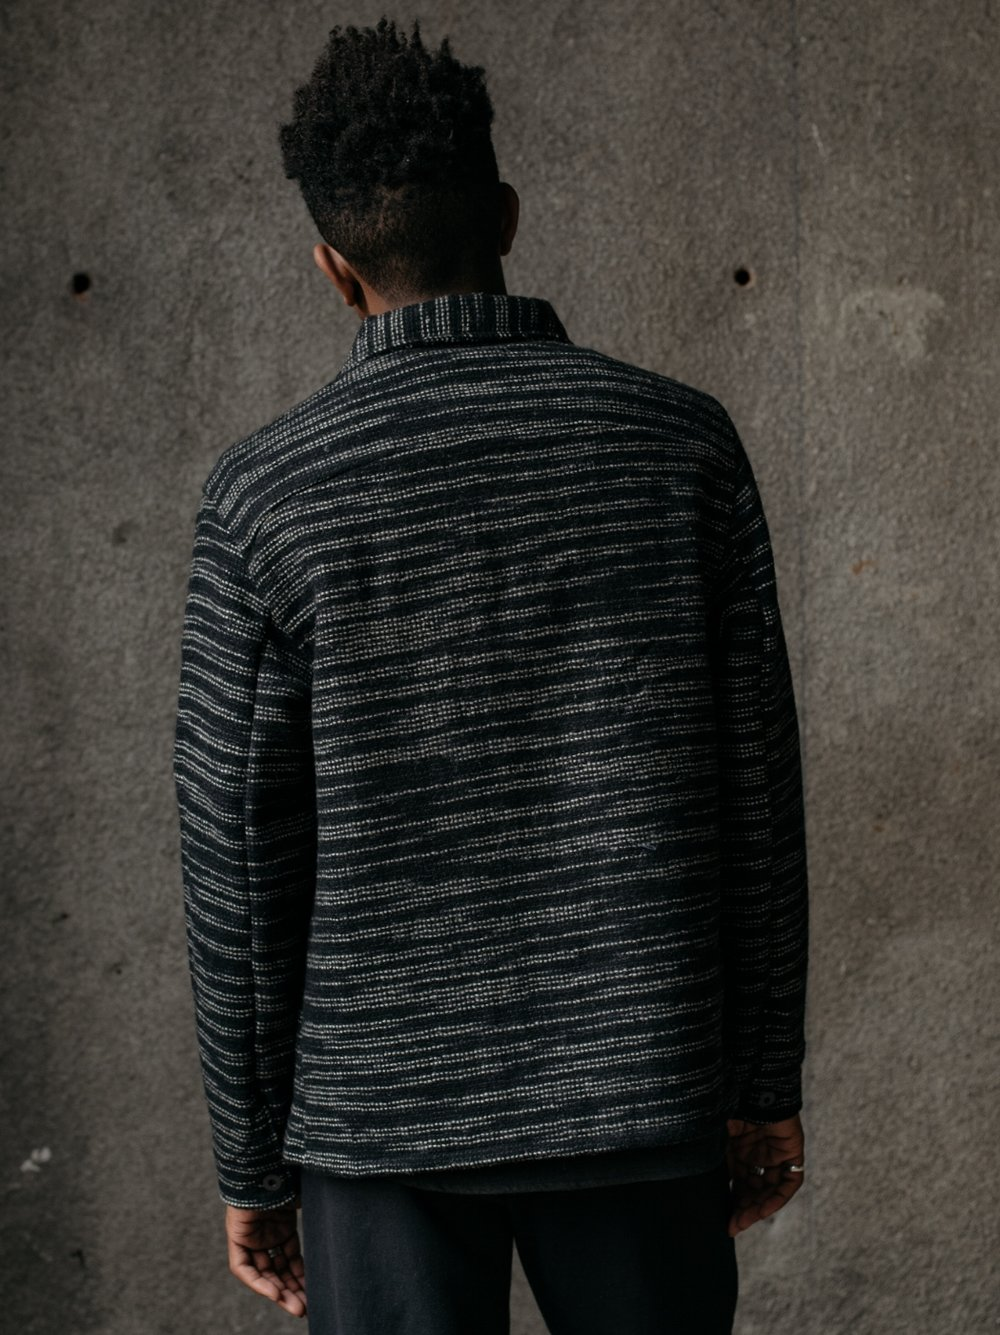 evan-kinori-three-pocket-jacket-wool-hemp-back